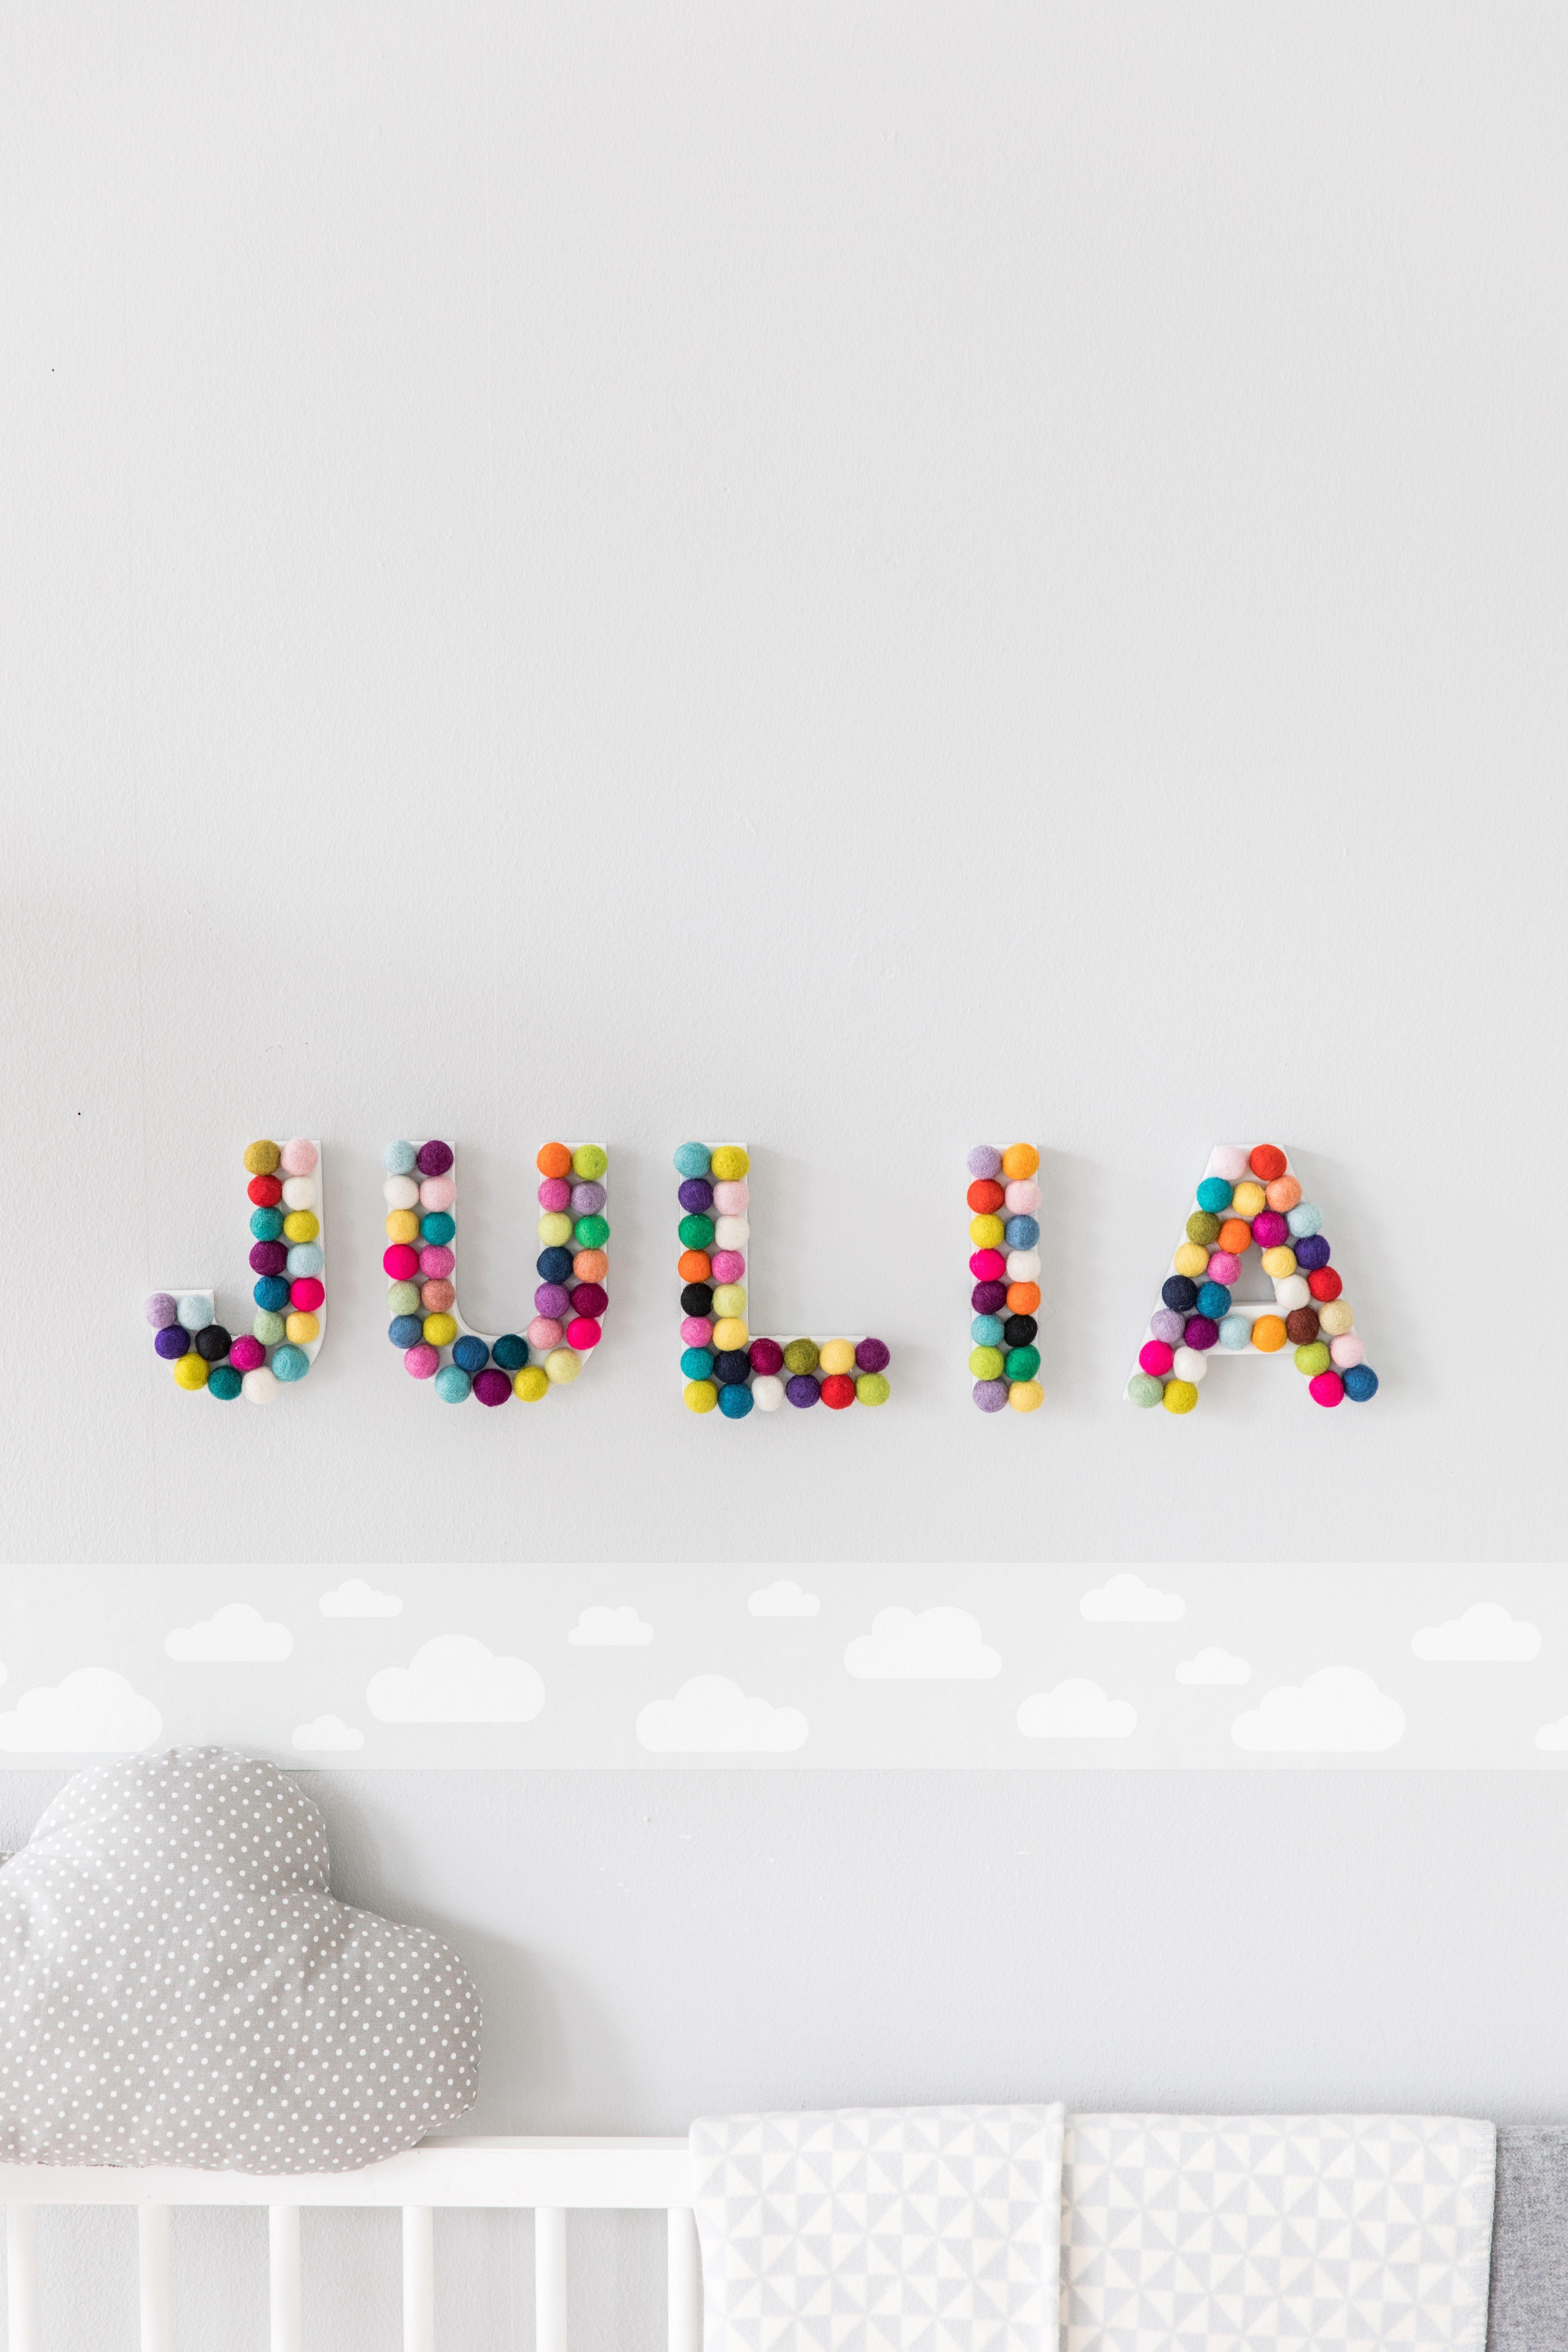 kinderzimmer-deko: baby name | filzkugel, holzbuchstaben und, Schlafzimmer entwurf